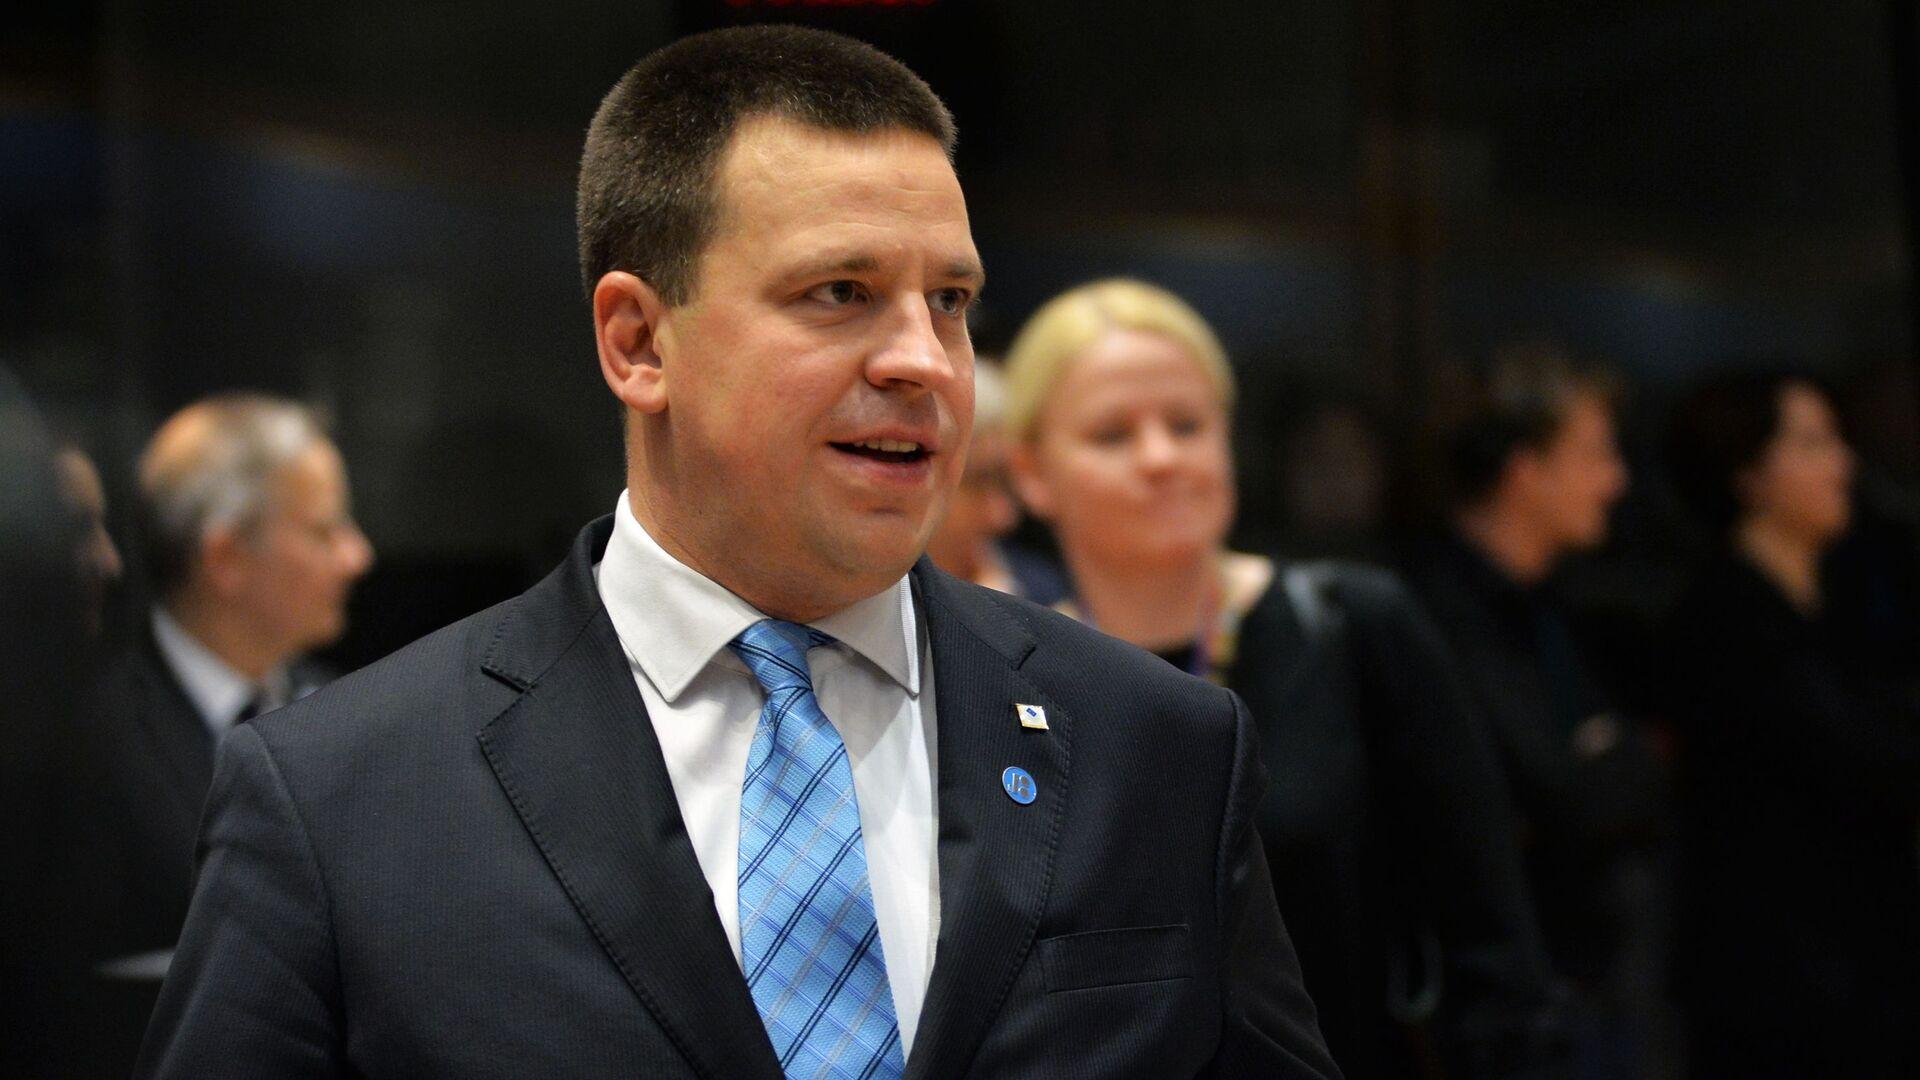 Премьер-министр Эстонии Юри Ратас на саммите ЕС в Брюсселе. 14 декабря 2018 - РИА Новости, 1920, 13.01.2021